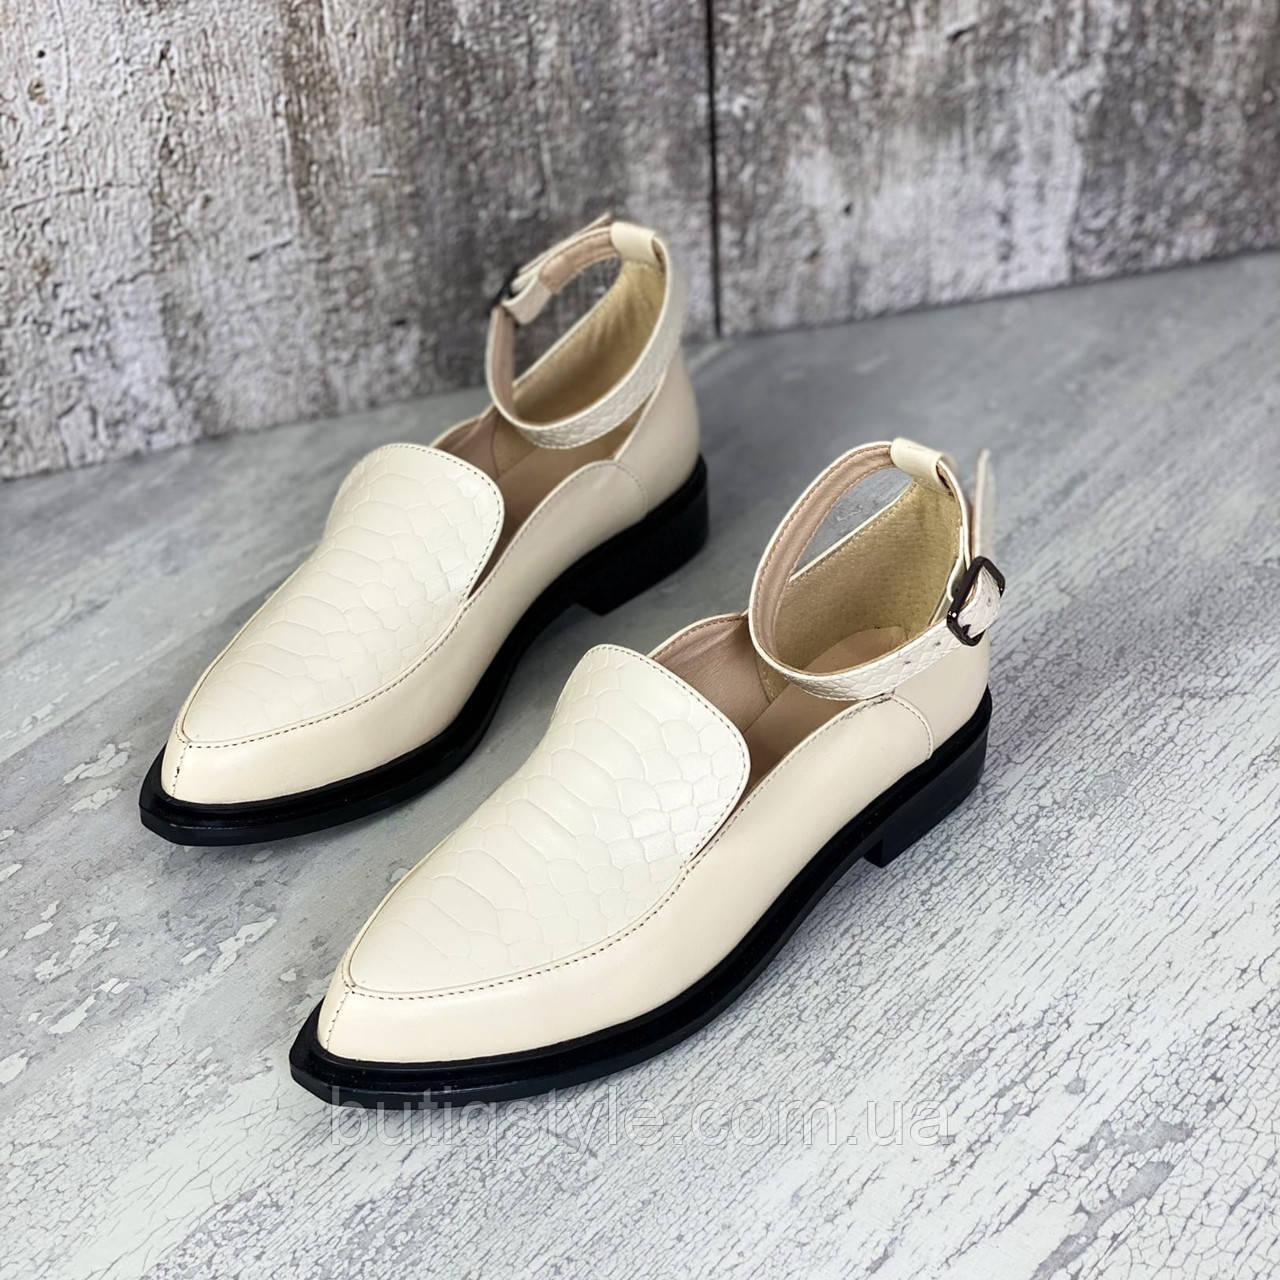 Жіночі туфлі пудра еко-шкіра на підборах